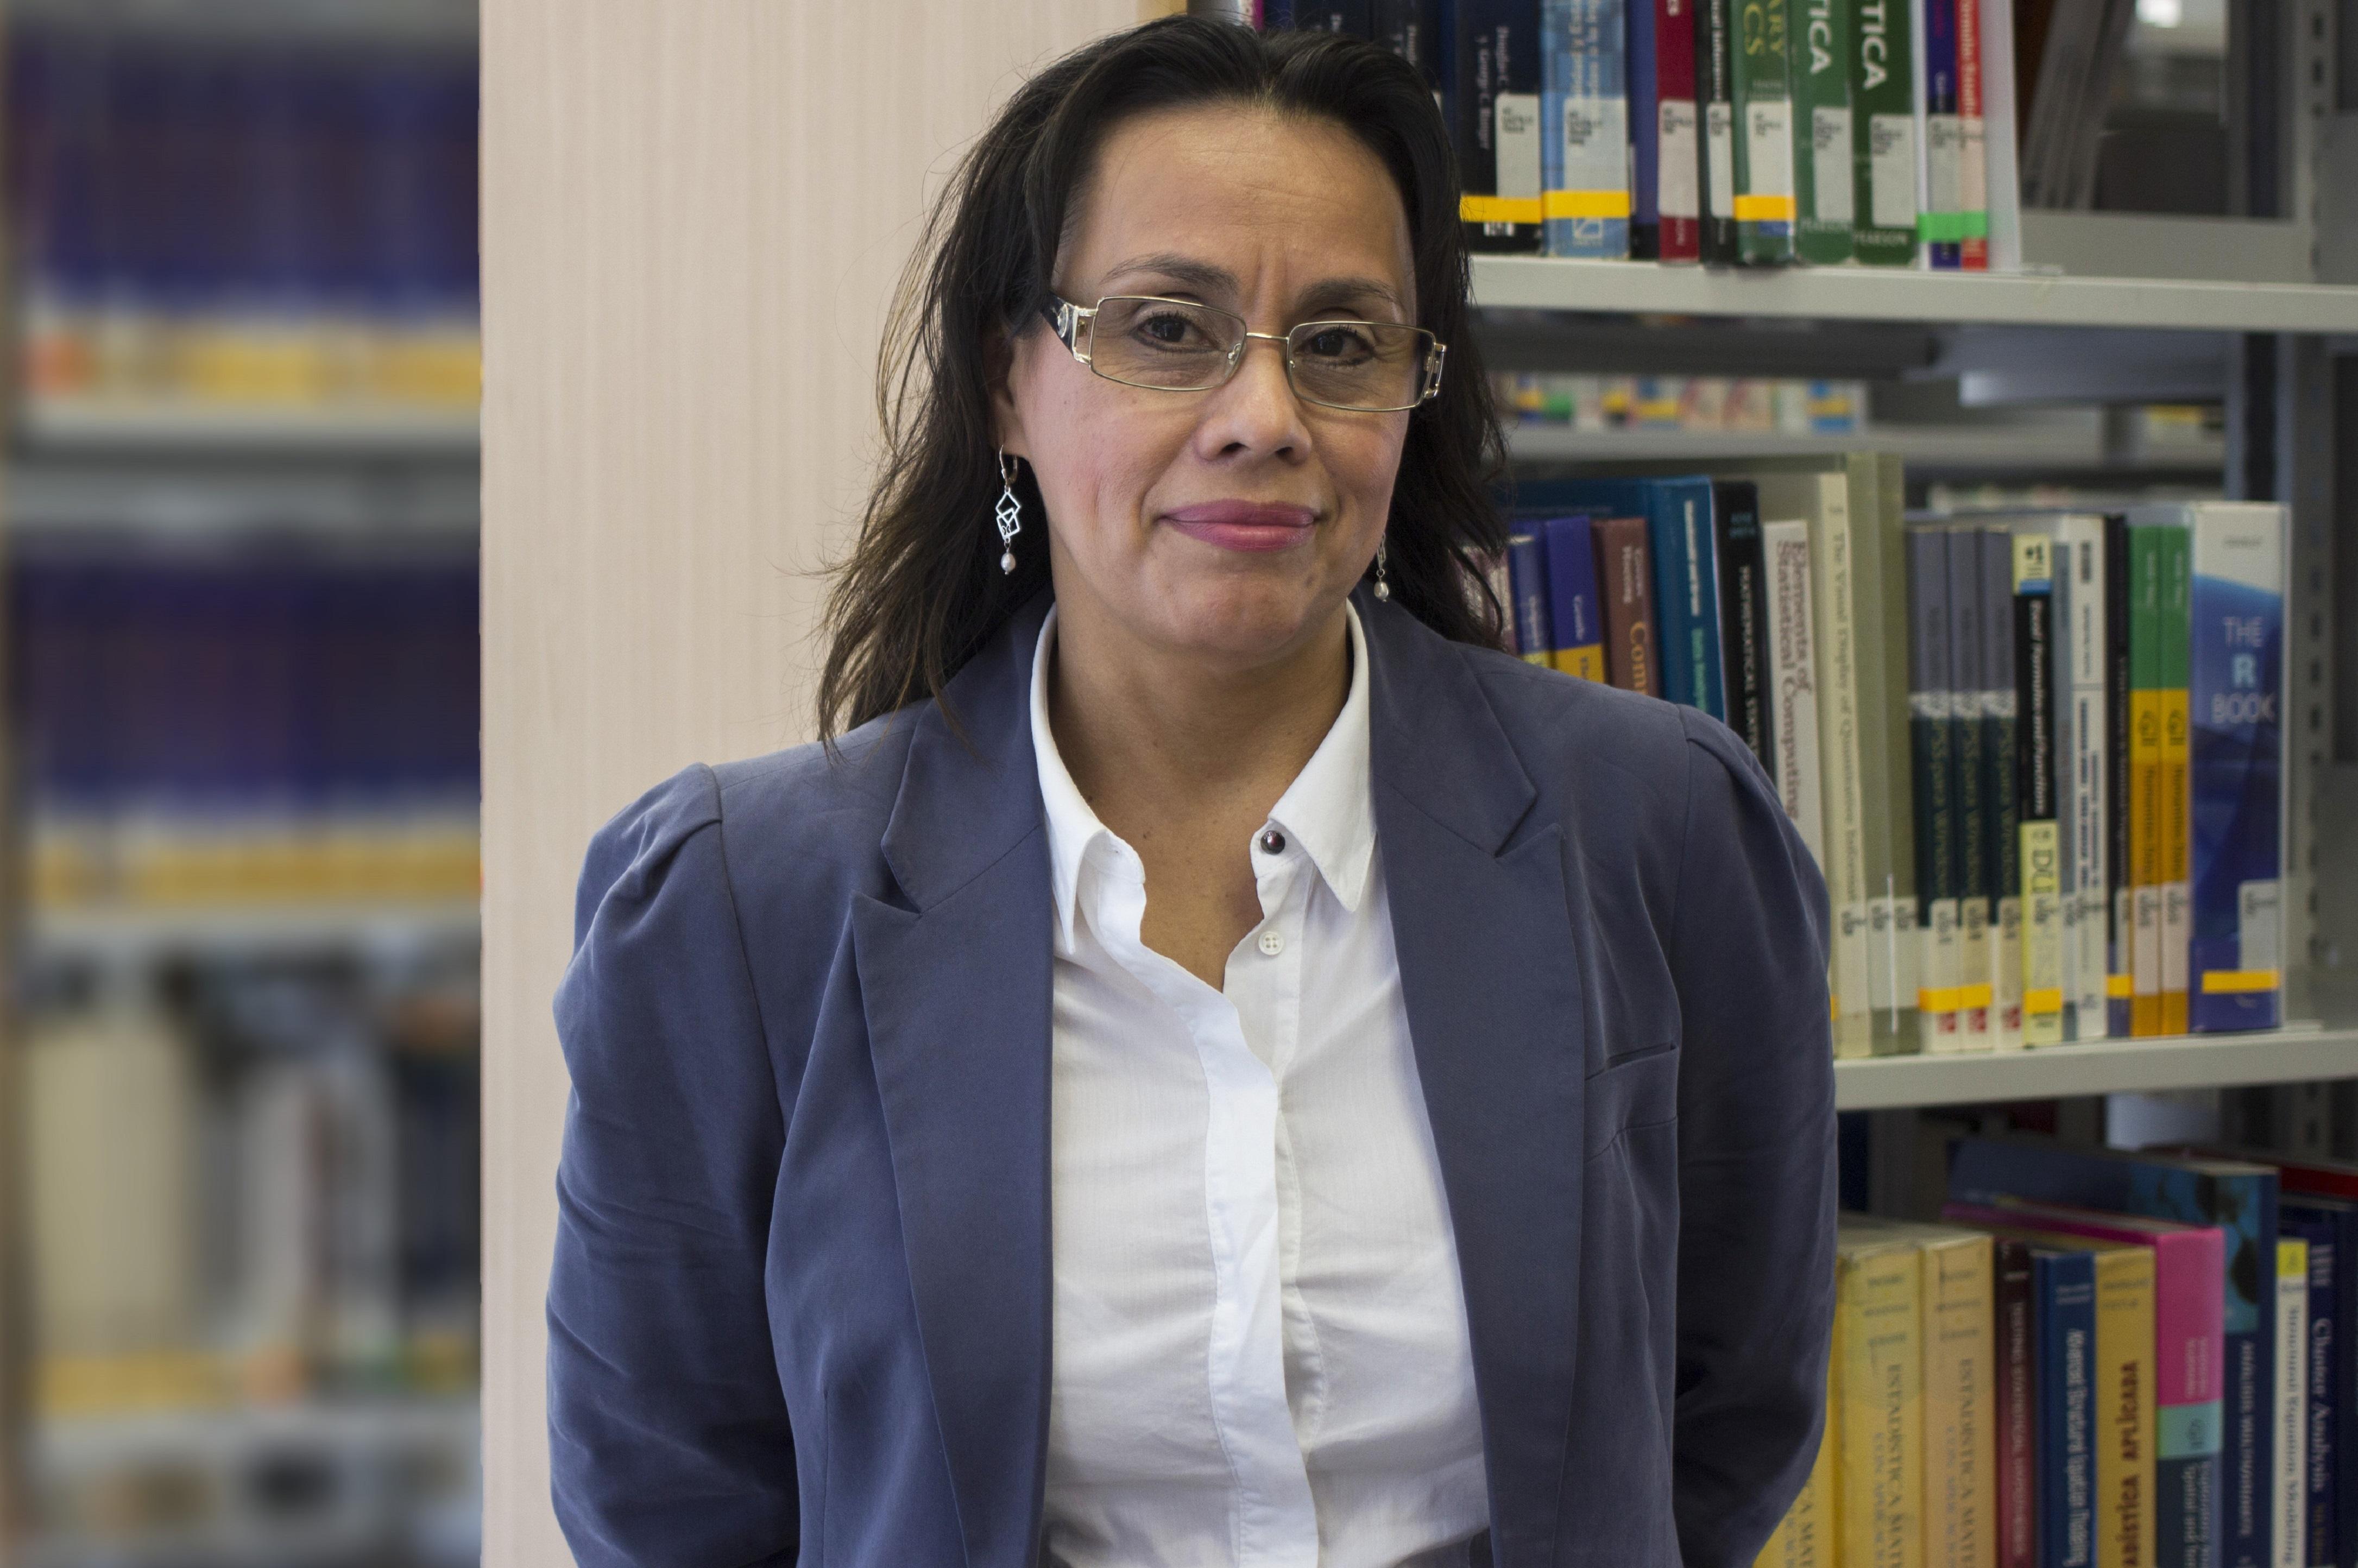 DRA. ESTHER MORALES FRANCO